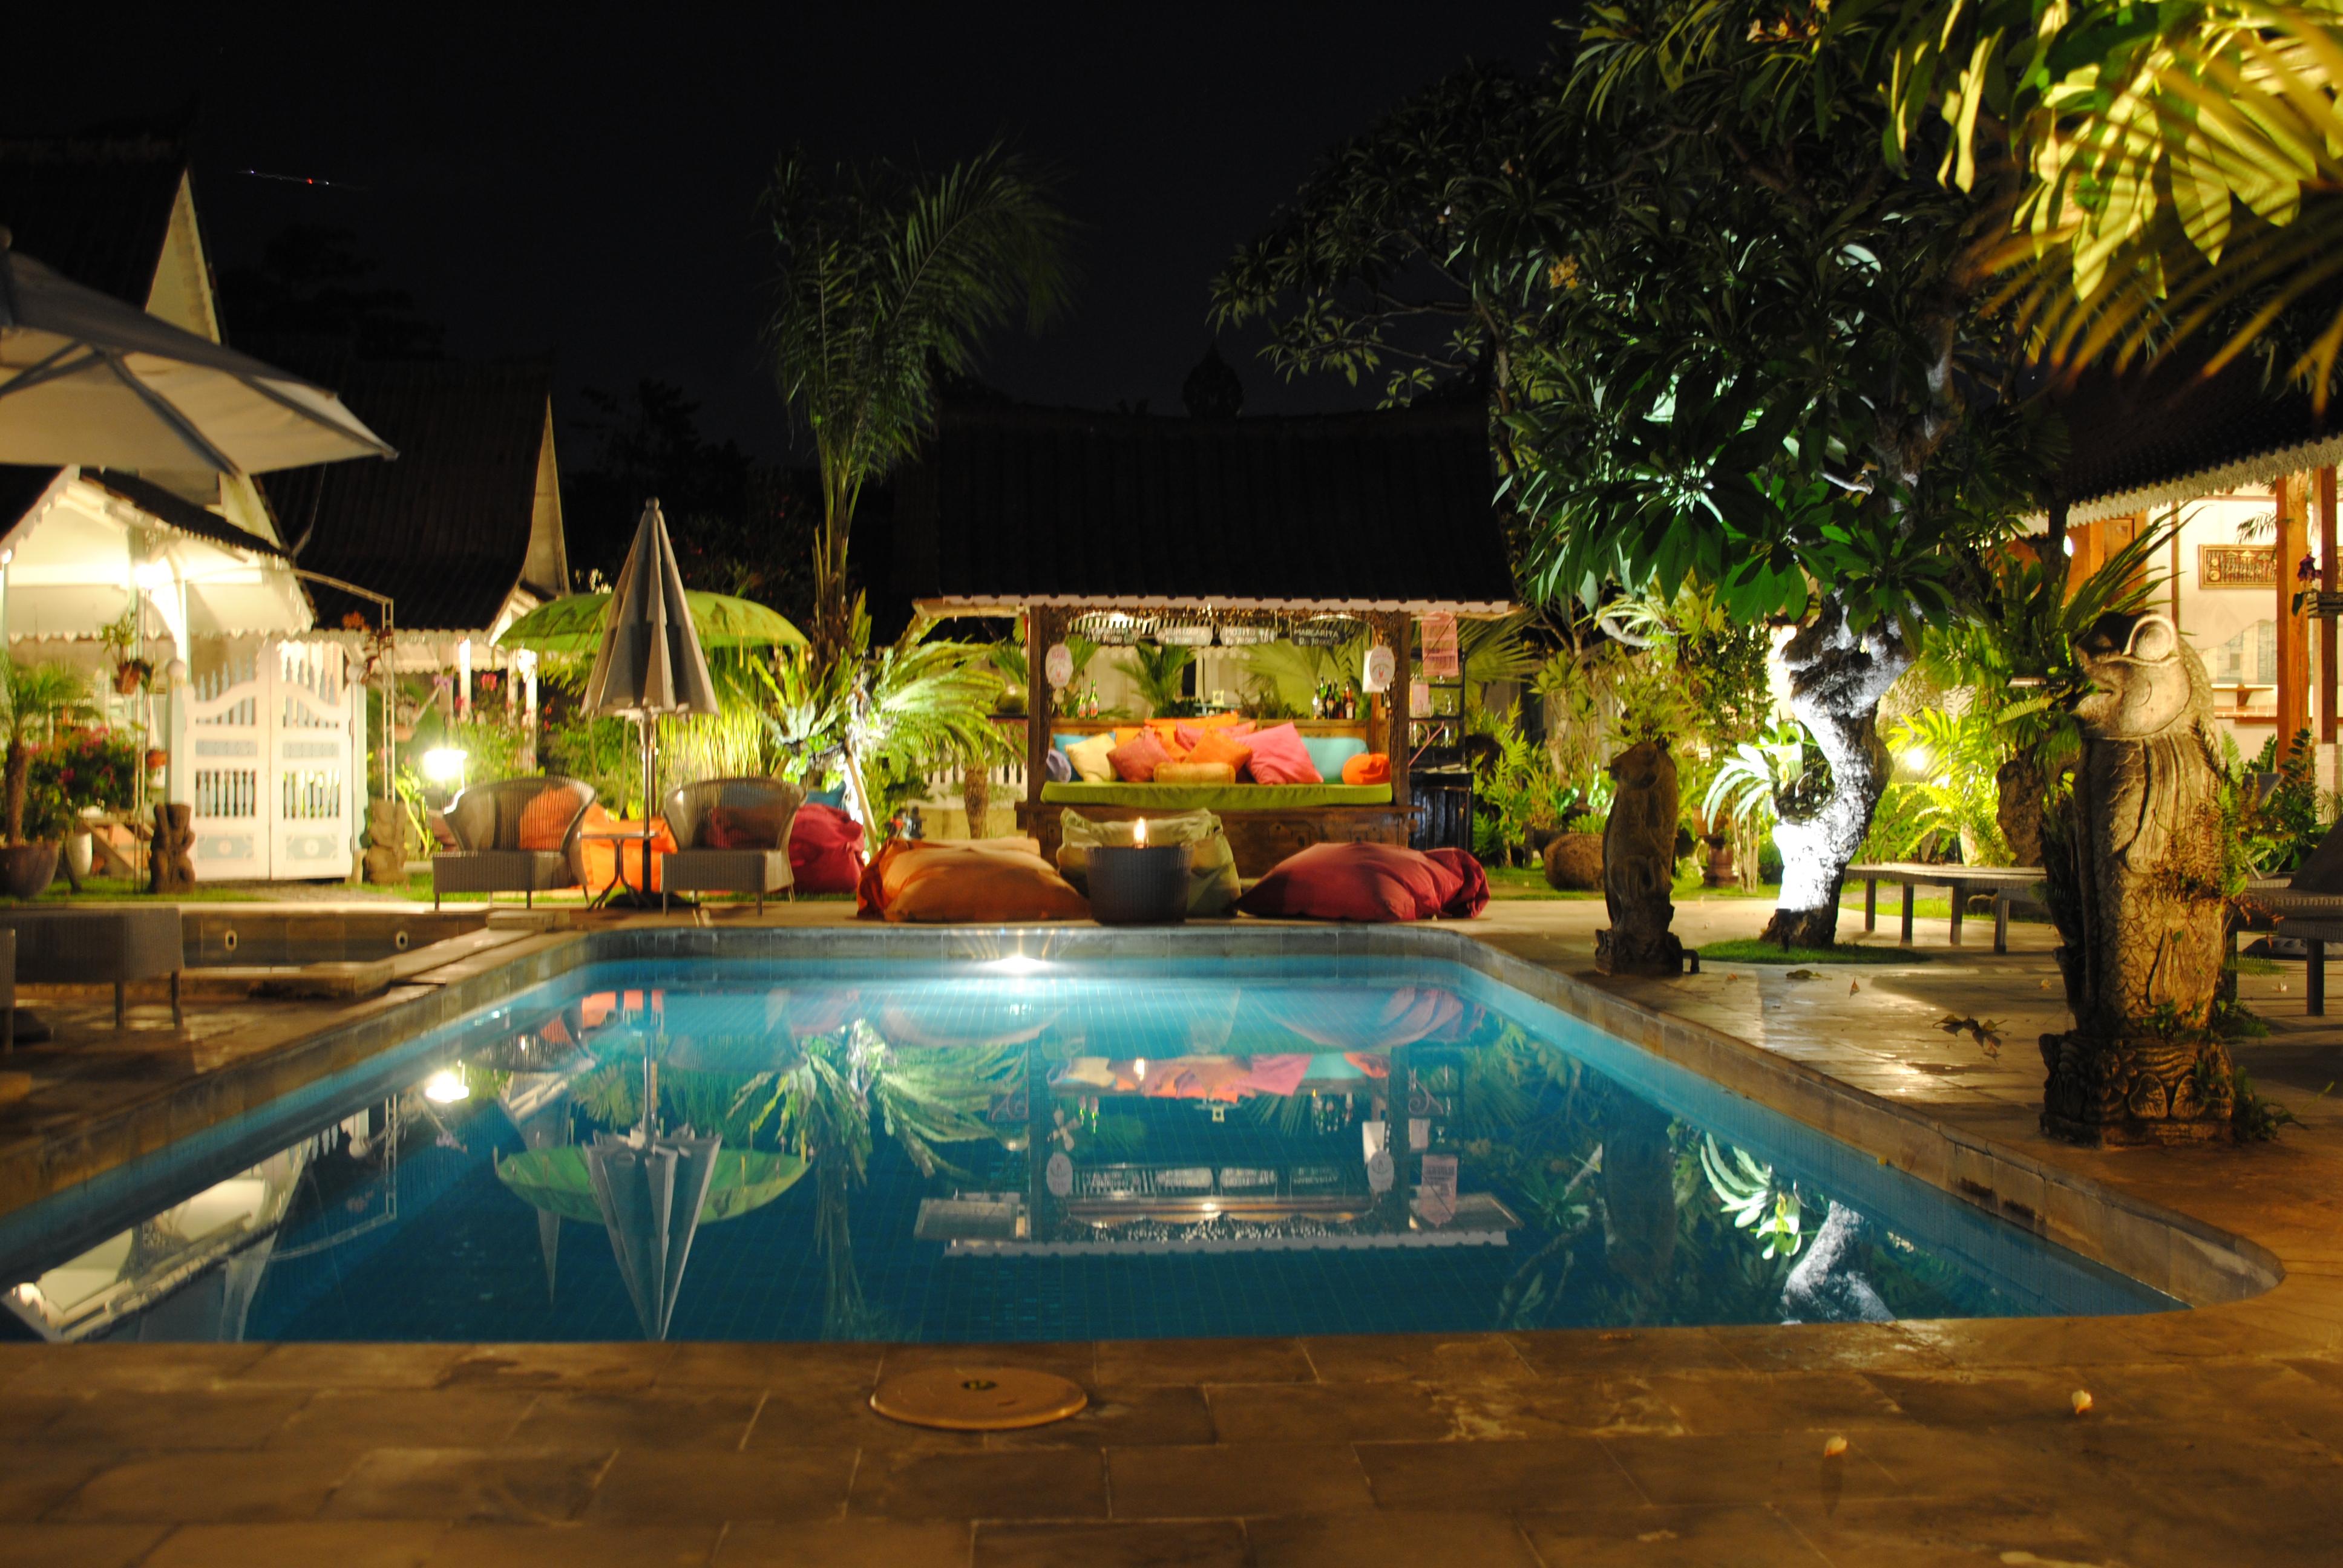 Abendlicher Blick auf den Pool